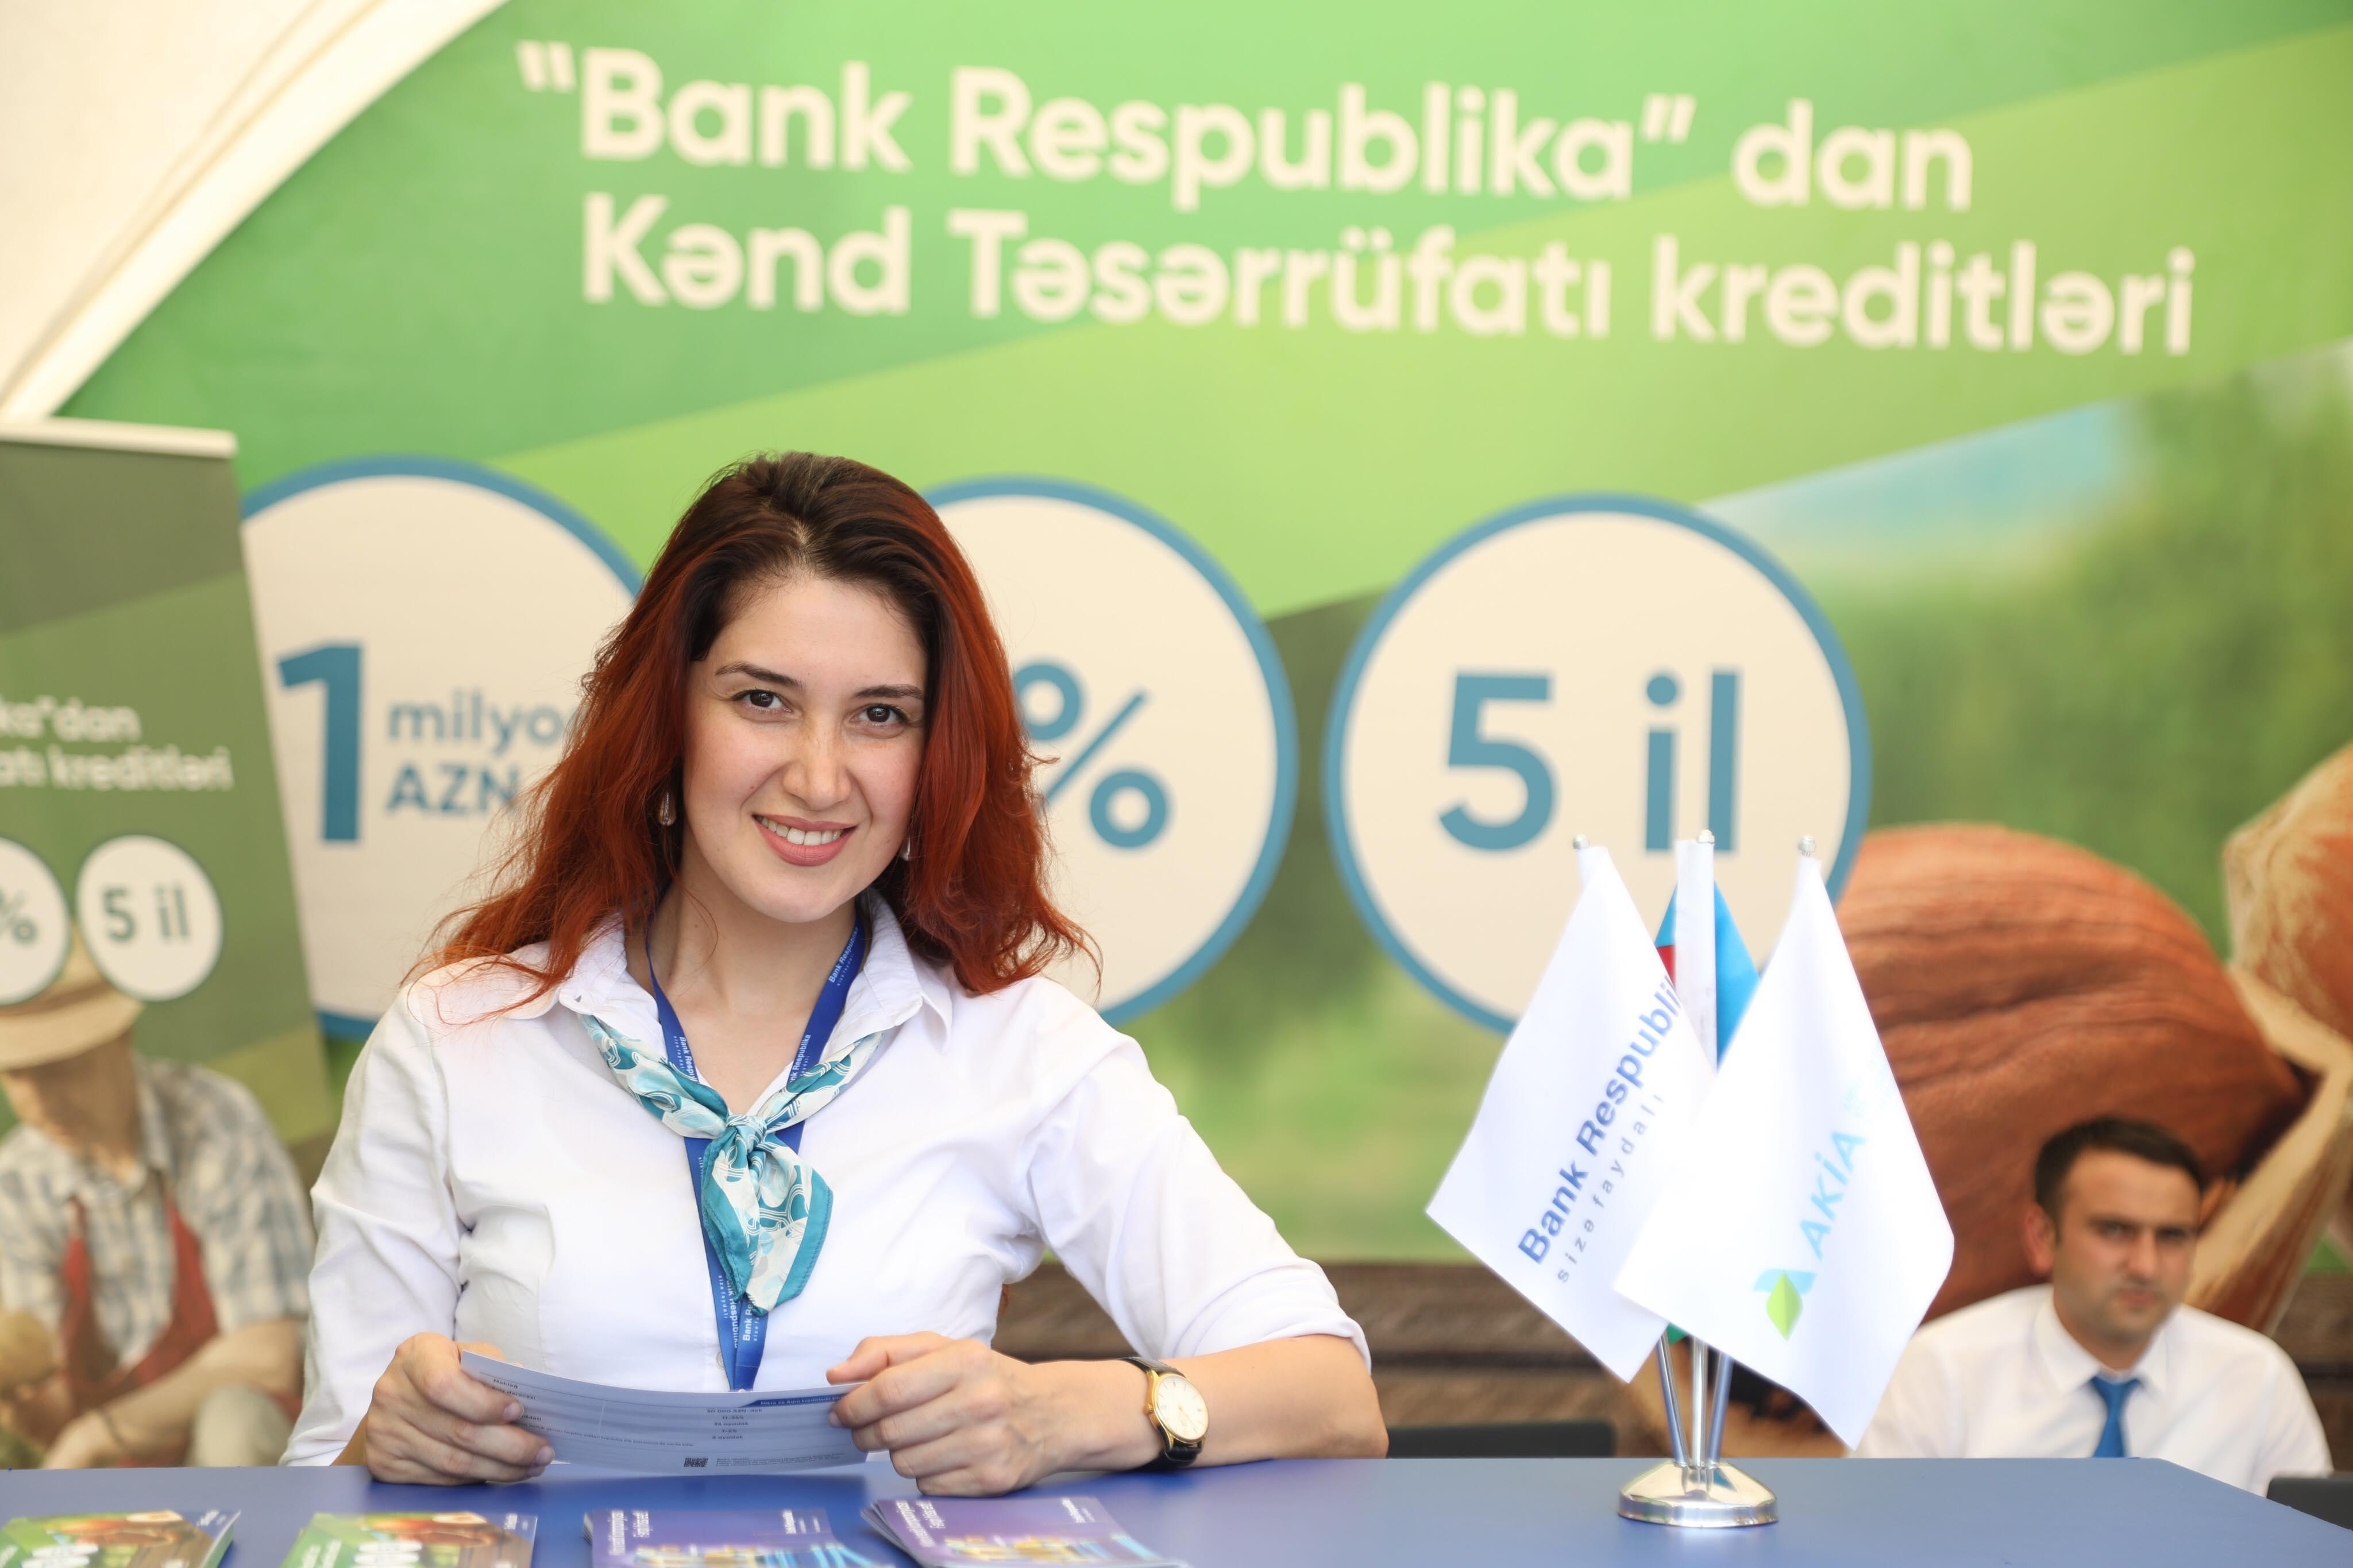 Банк Республика и AKIA провели кредитные ярмарки в регионах под лозунгом «Еще ближе, еще выгоднее»